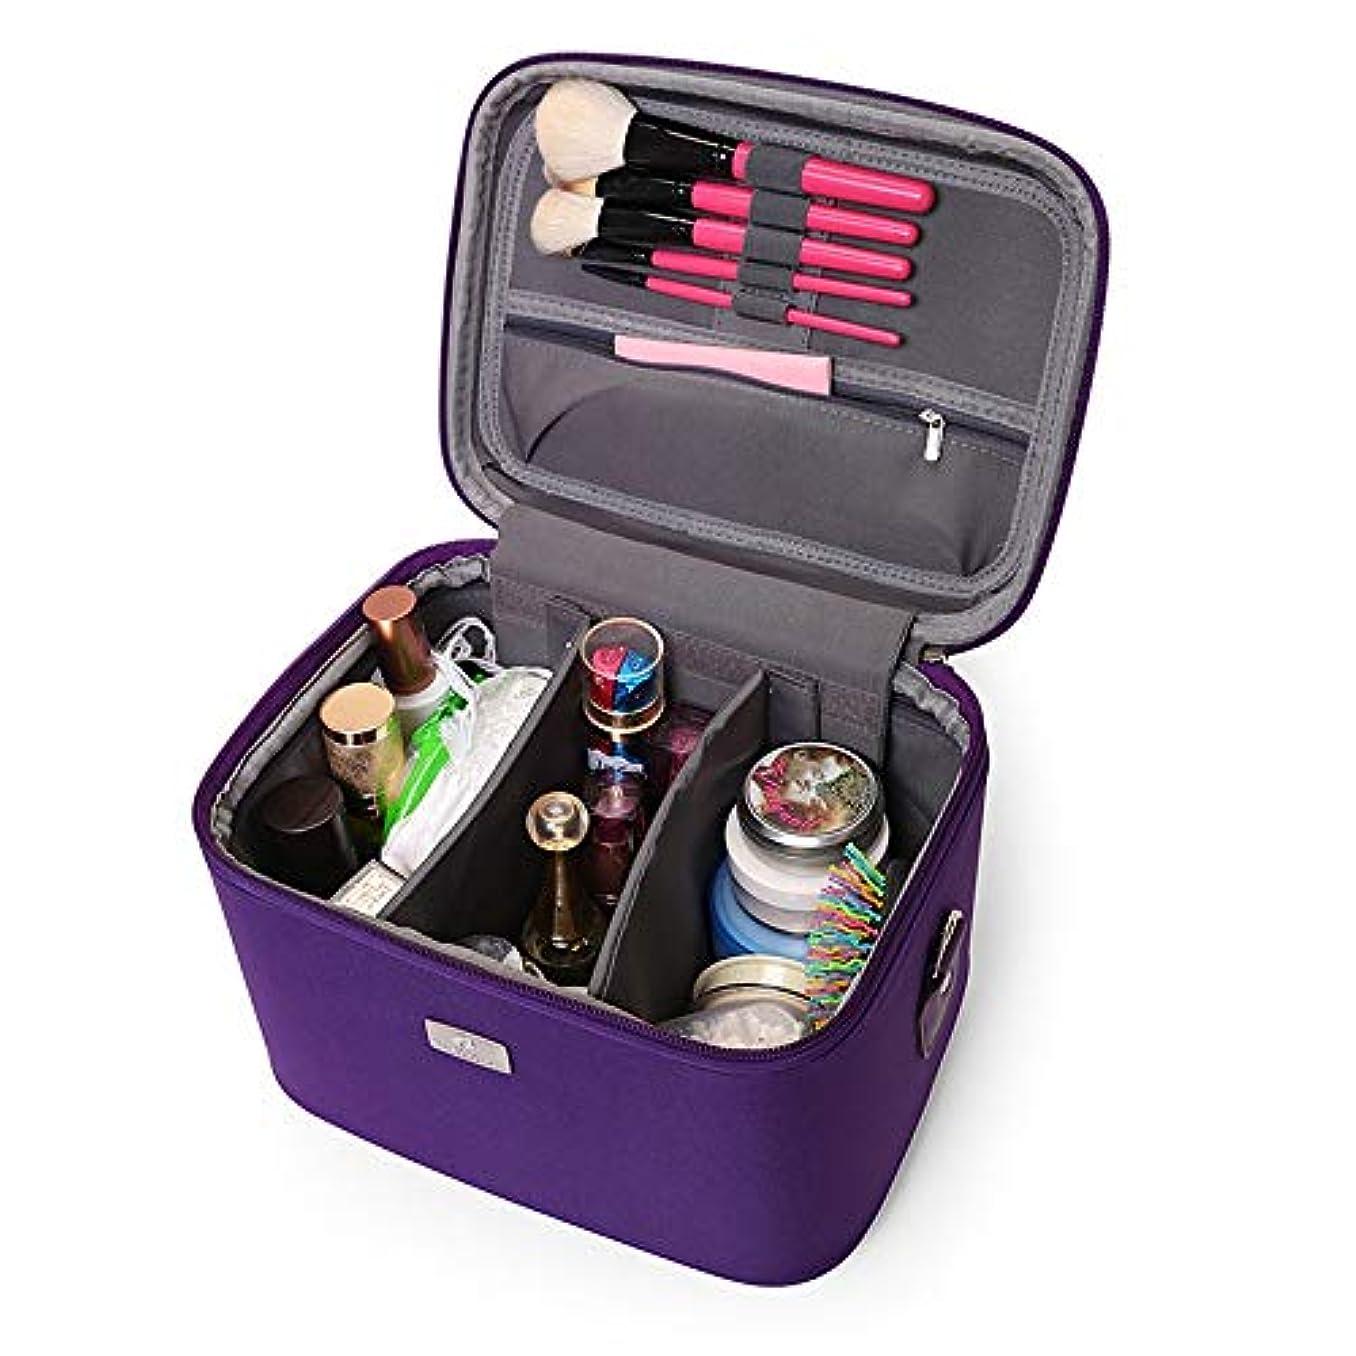 失うコジオスコ関与する化粧オーガナイザーバッグ 14インチのメイクアップトラベルバッグPUレター防水化粧ケースのティーン女の子の女性アーティスト 化粧品ケース (色 : 紫の)